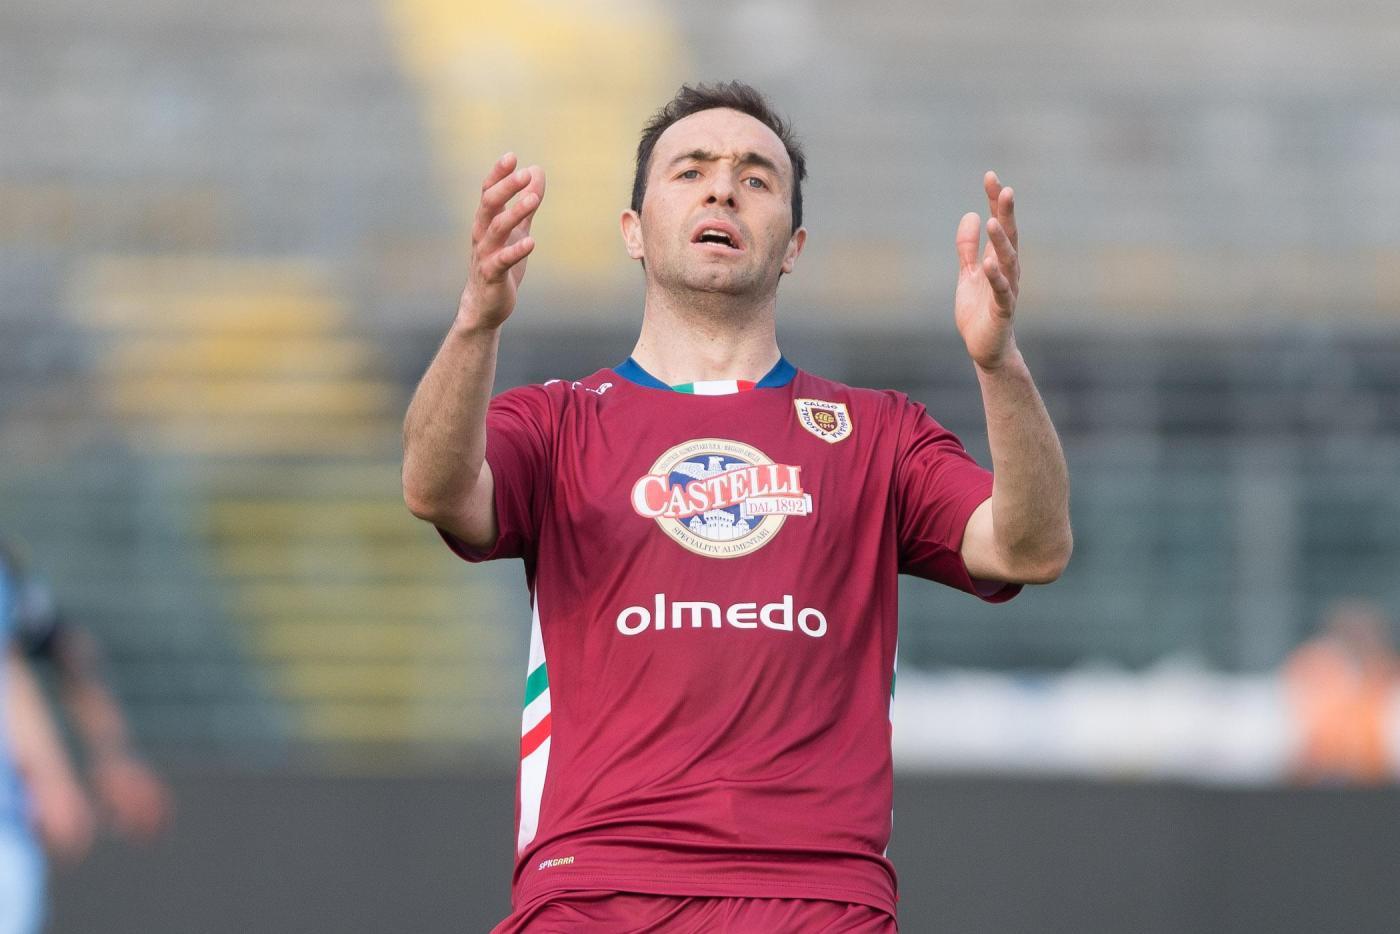 Pronostico Reggio Audace-Arzignano 17 febbraio: le quote di Serie C